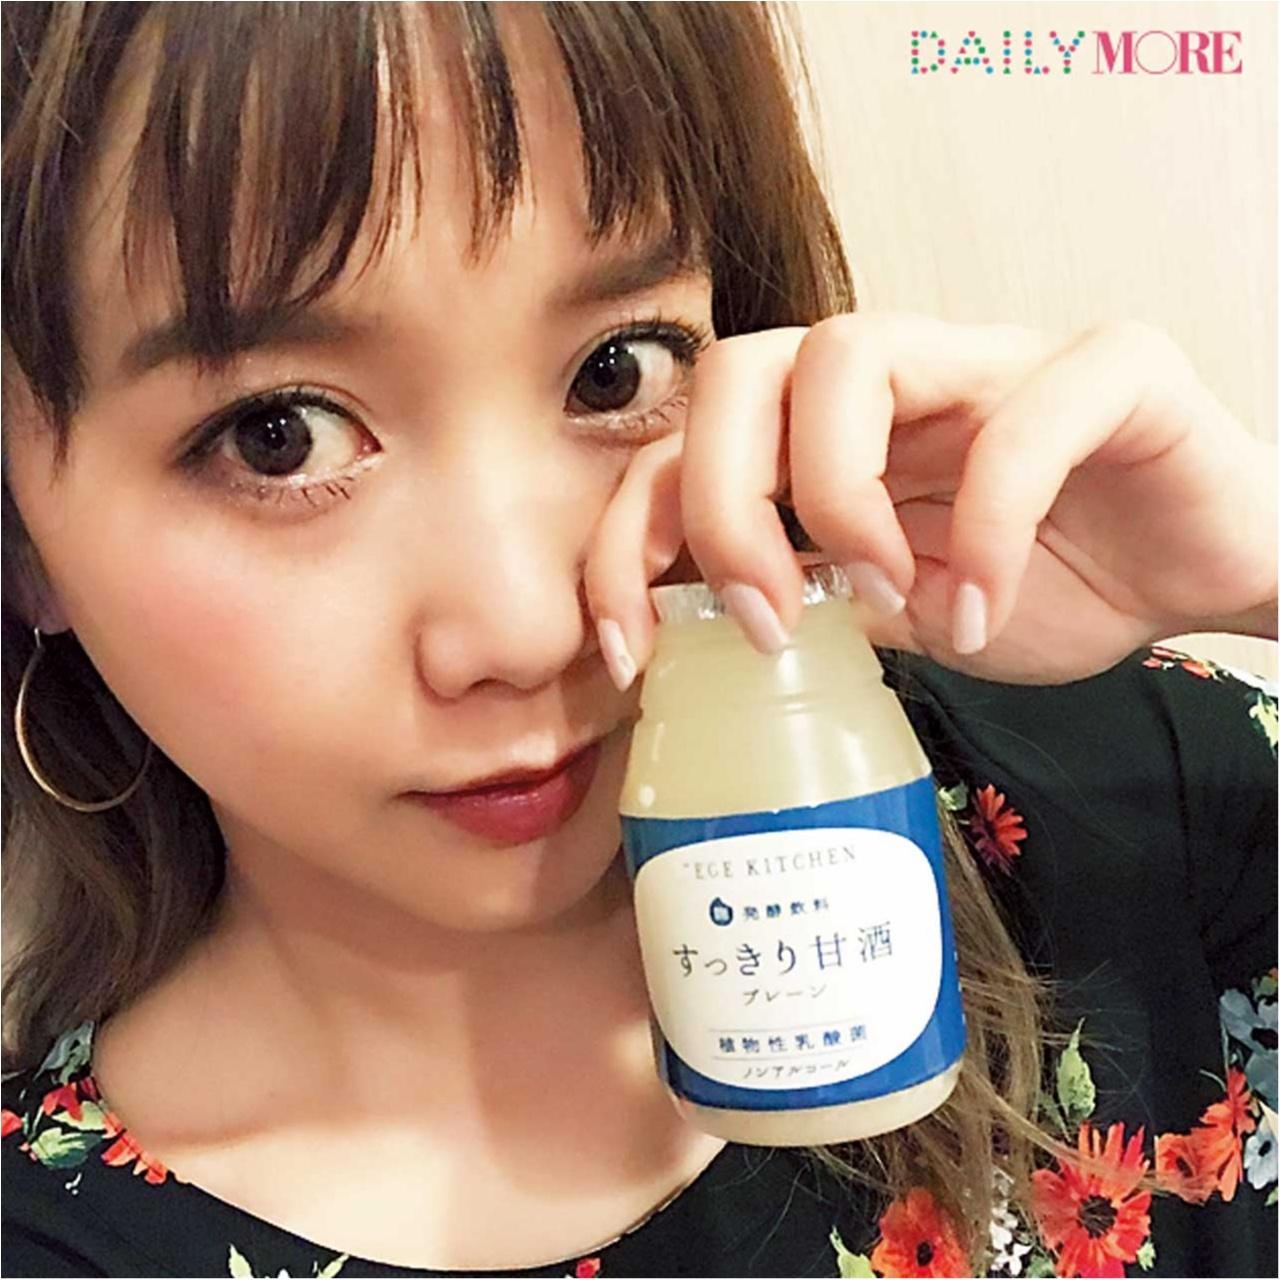 田中里奈ちゃんは、飲む美容液「甘酒」で中からきれいに♡【教えて! モアビューティズの1UP美容♡】_2